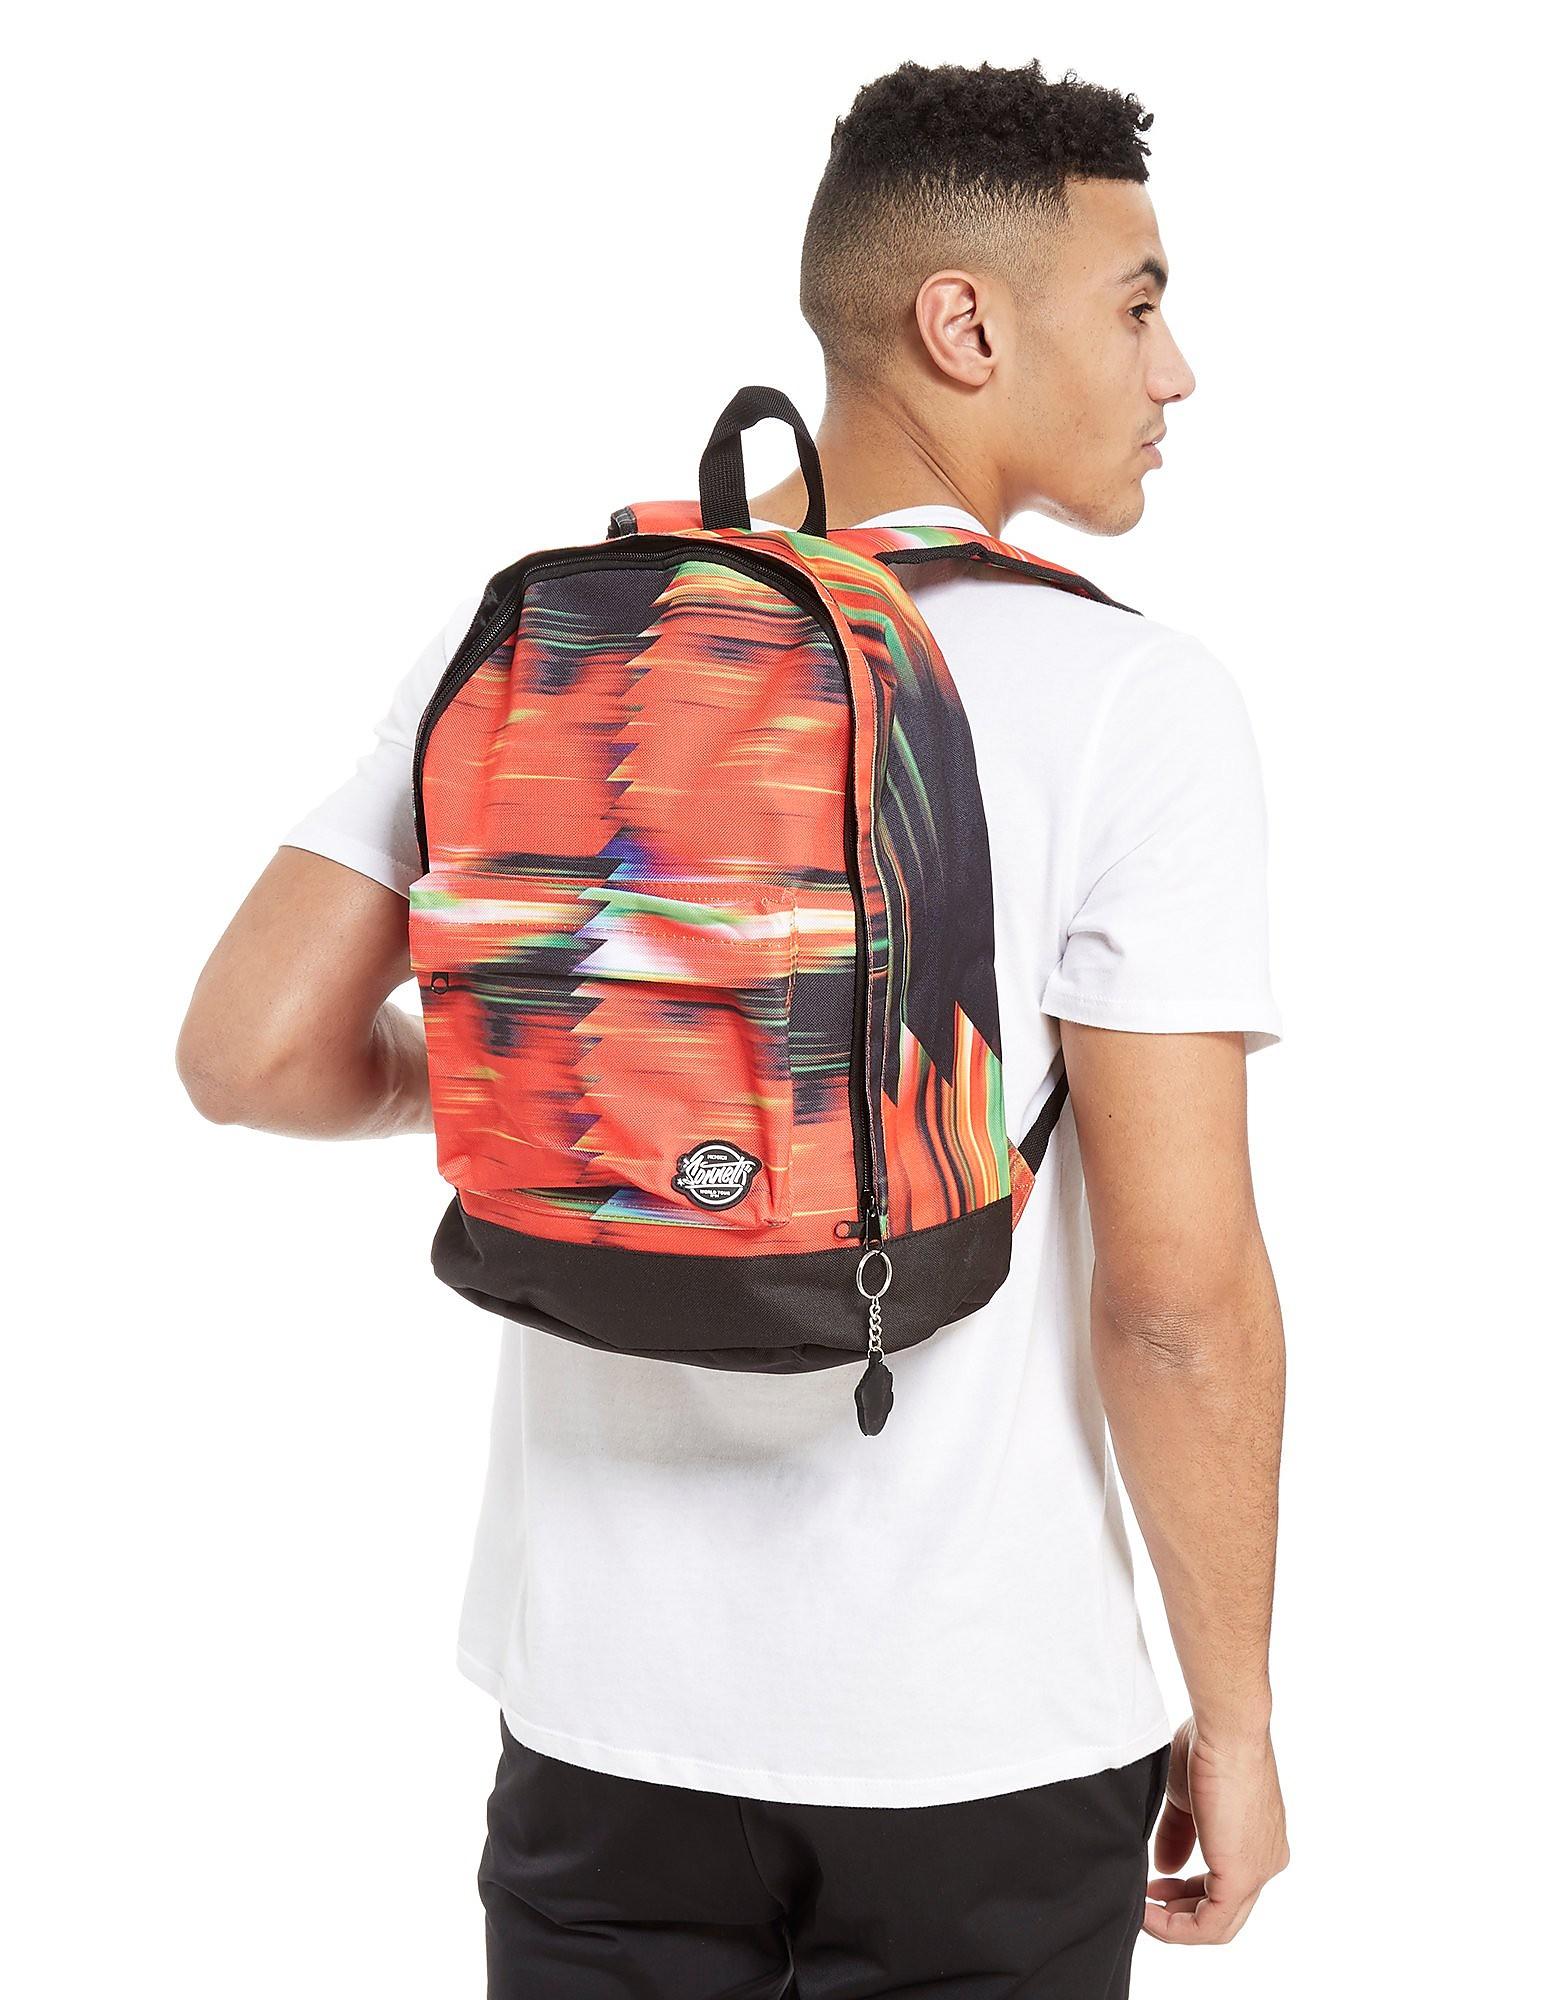 Sonneti Zagger Backpack